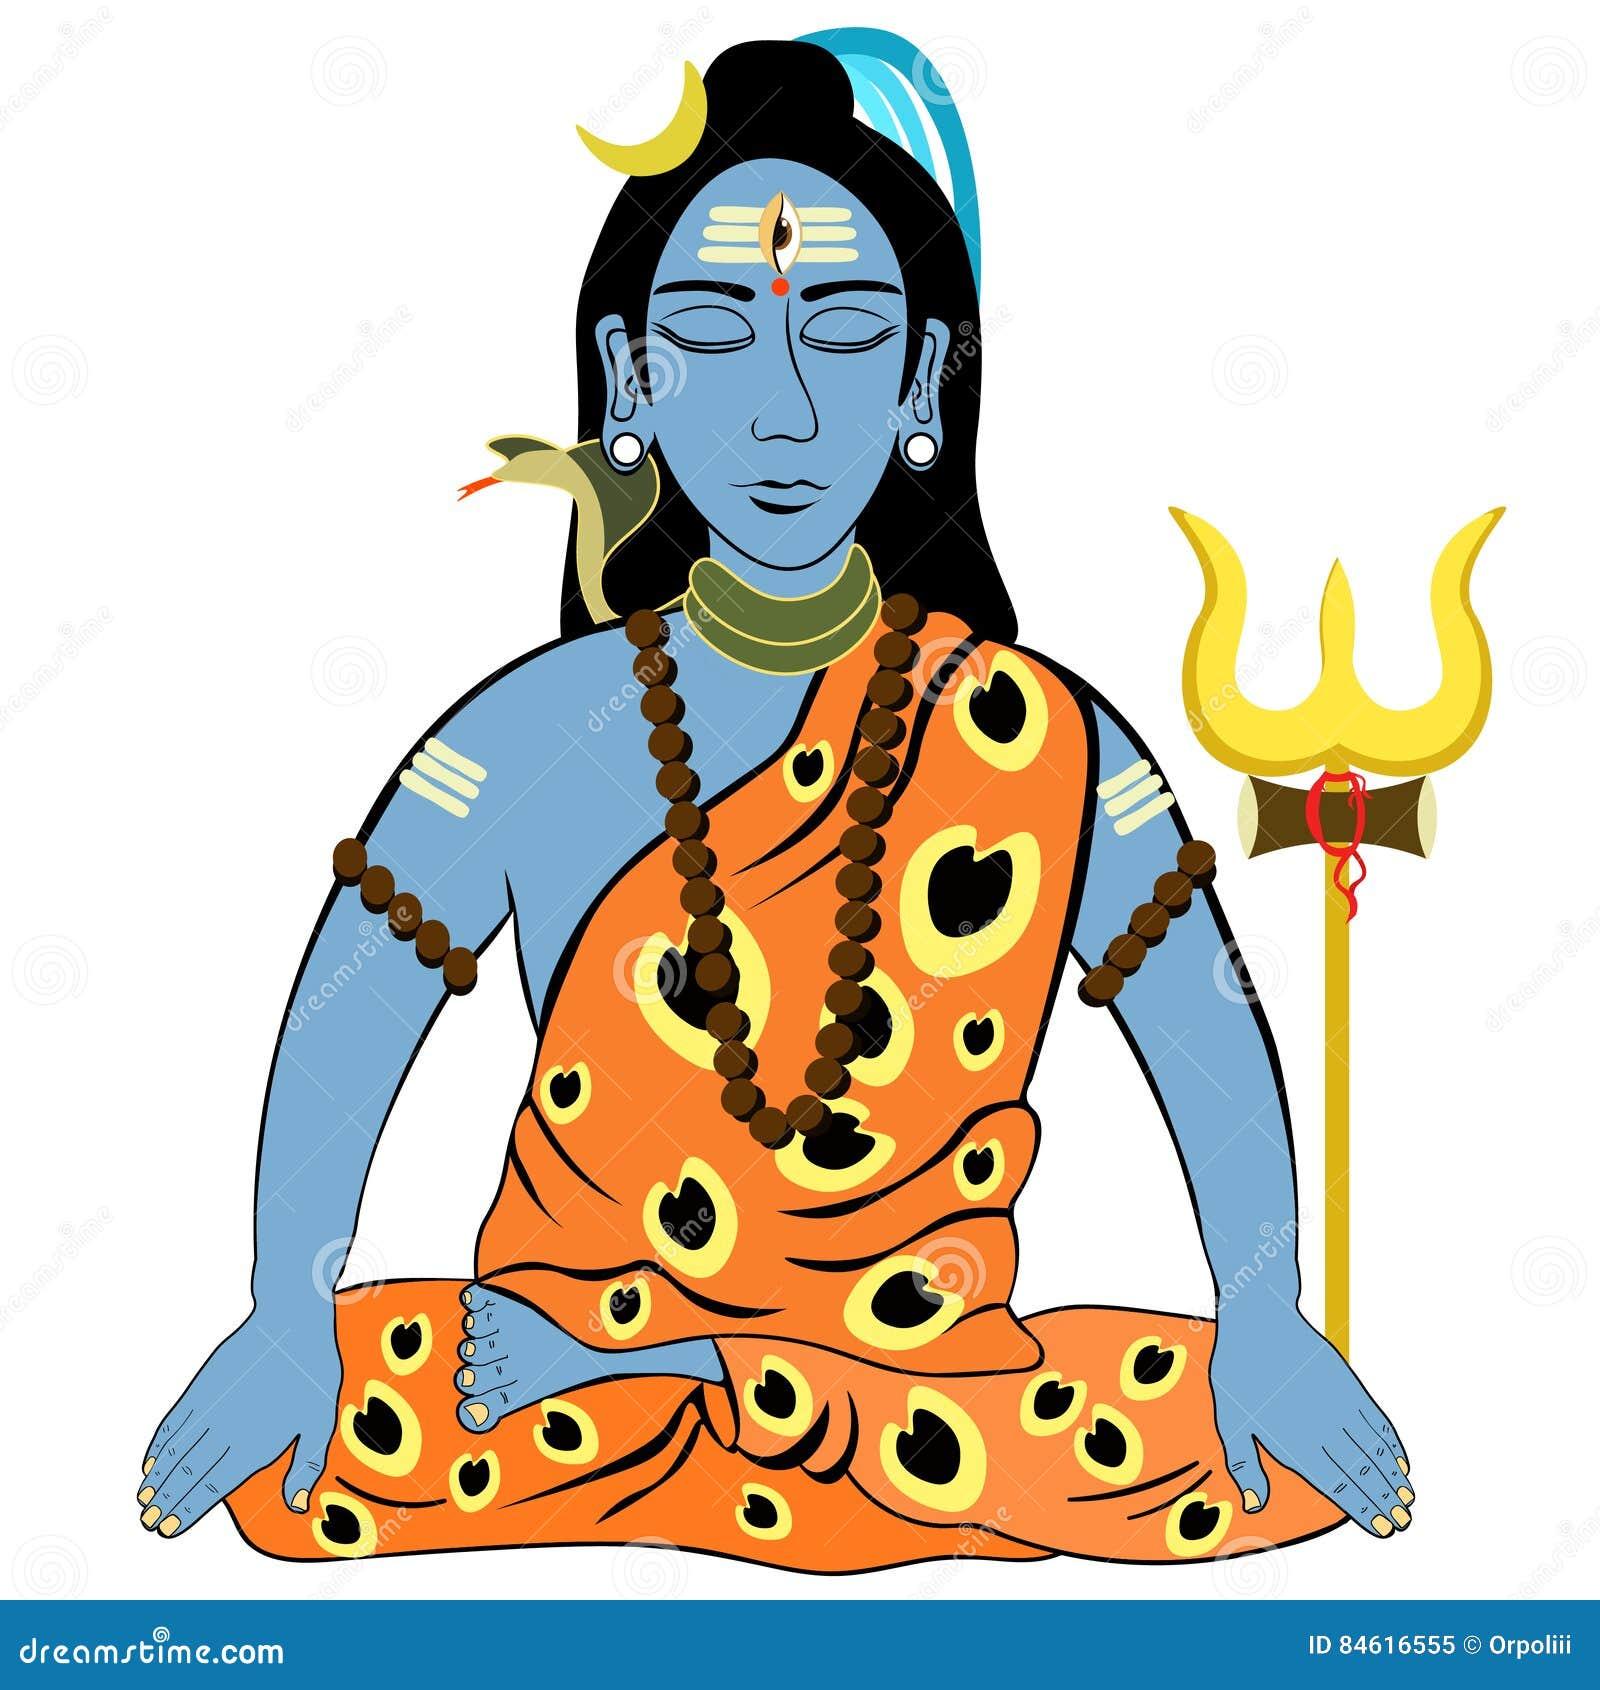 Mahadev Cartoons, Illustrations & Vector Stock Images